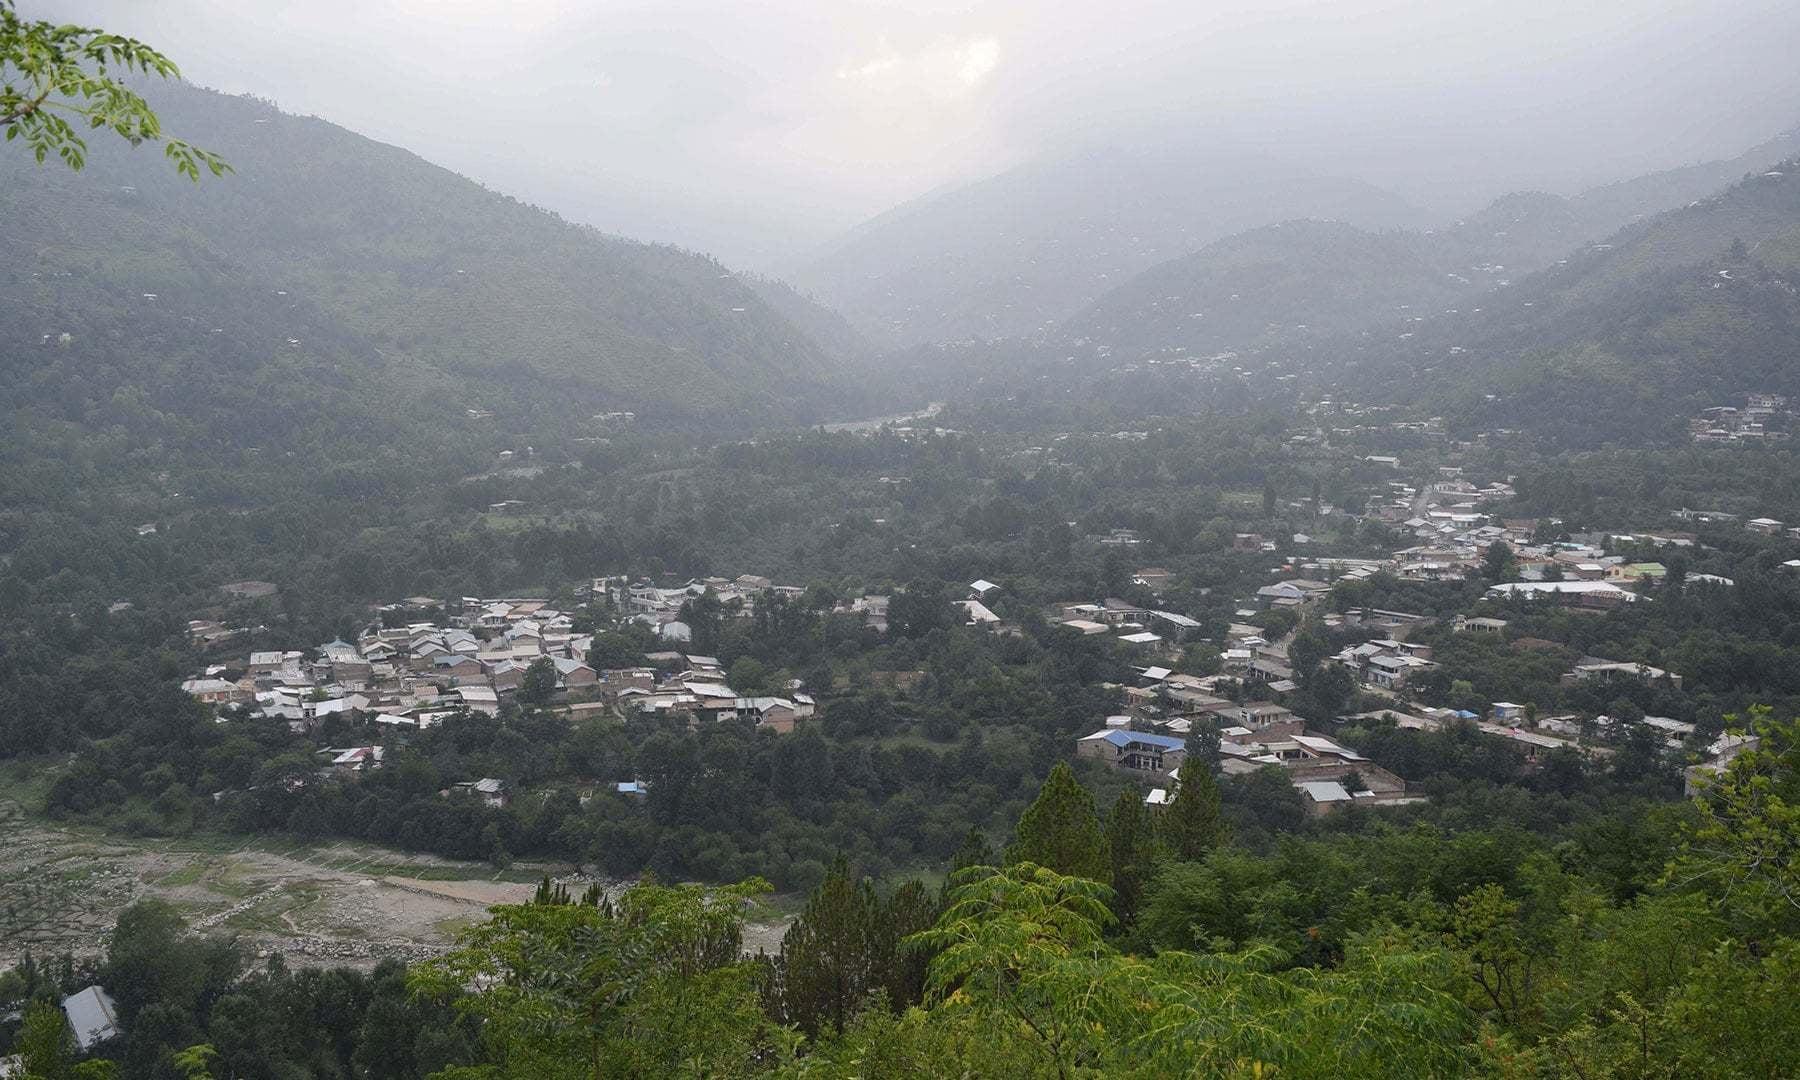 A view of Gwalerai from Labatt hill.